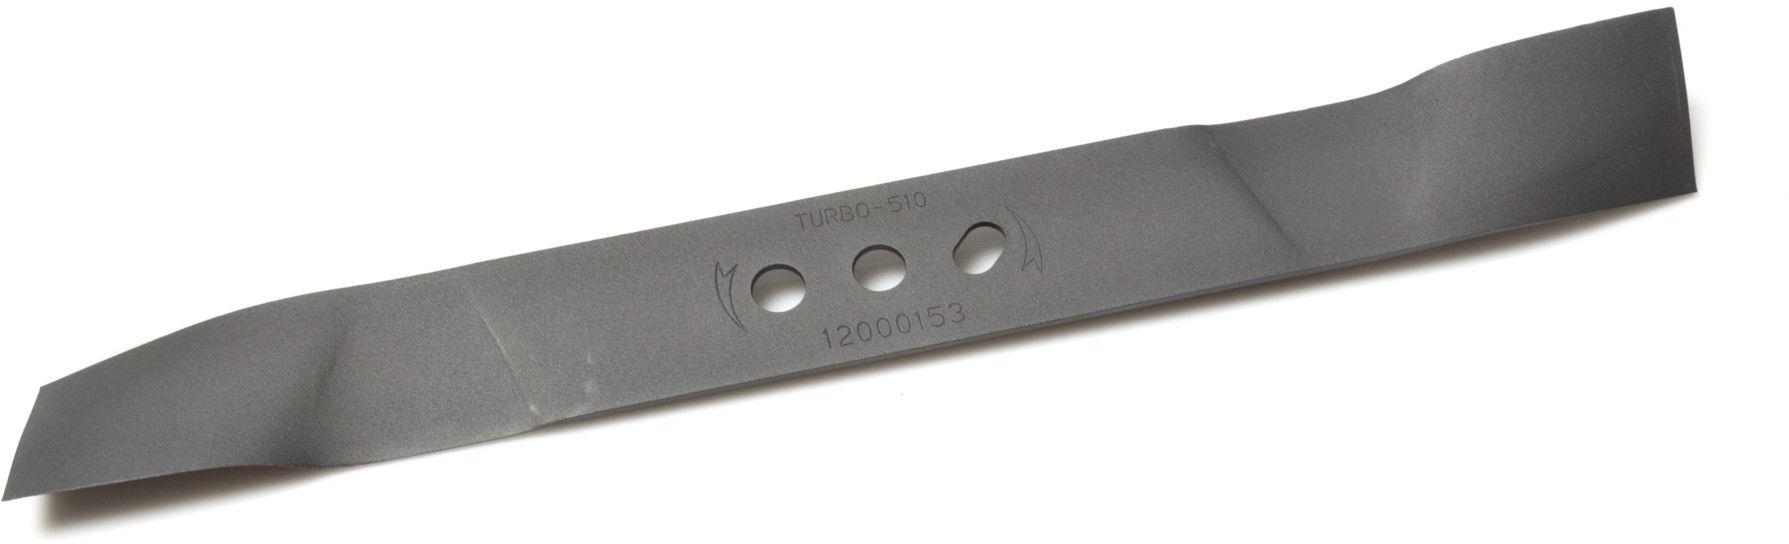 Nóż do kosiarki spalinowej G83054 51cm